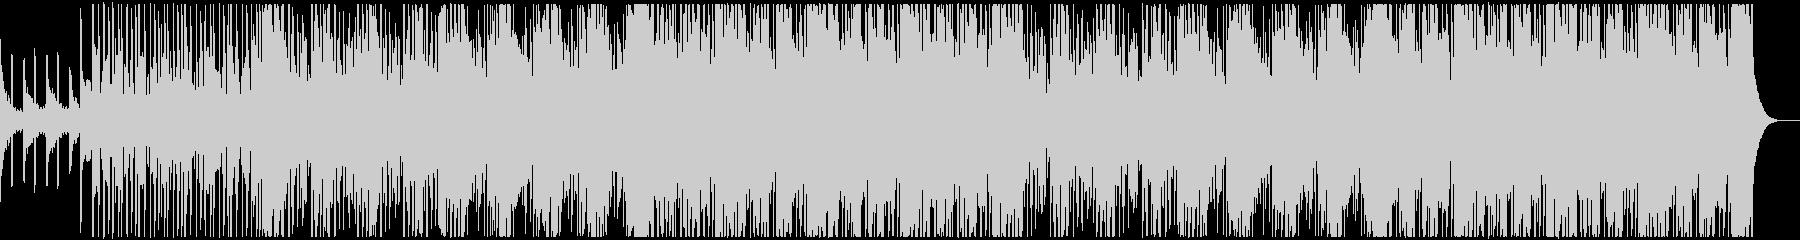 明るくリズミカルなガールズK-POPの未再生の波形